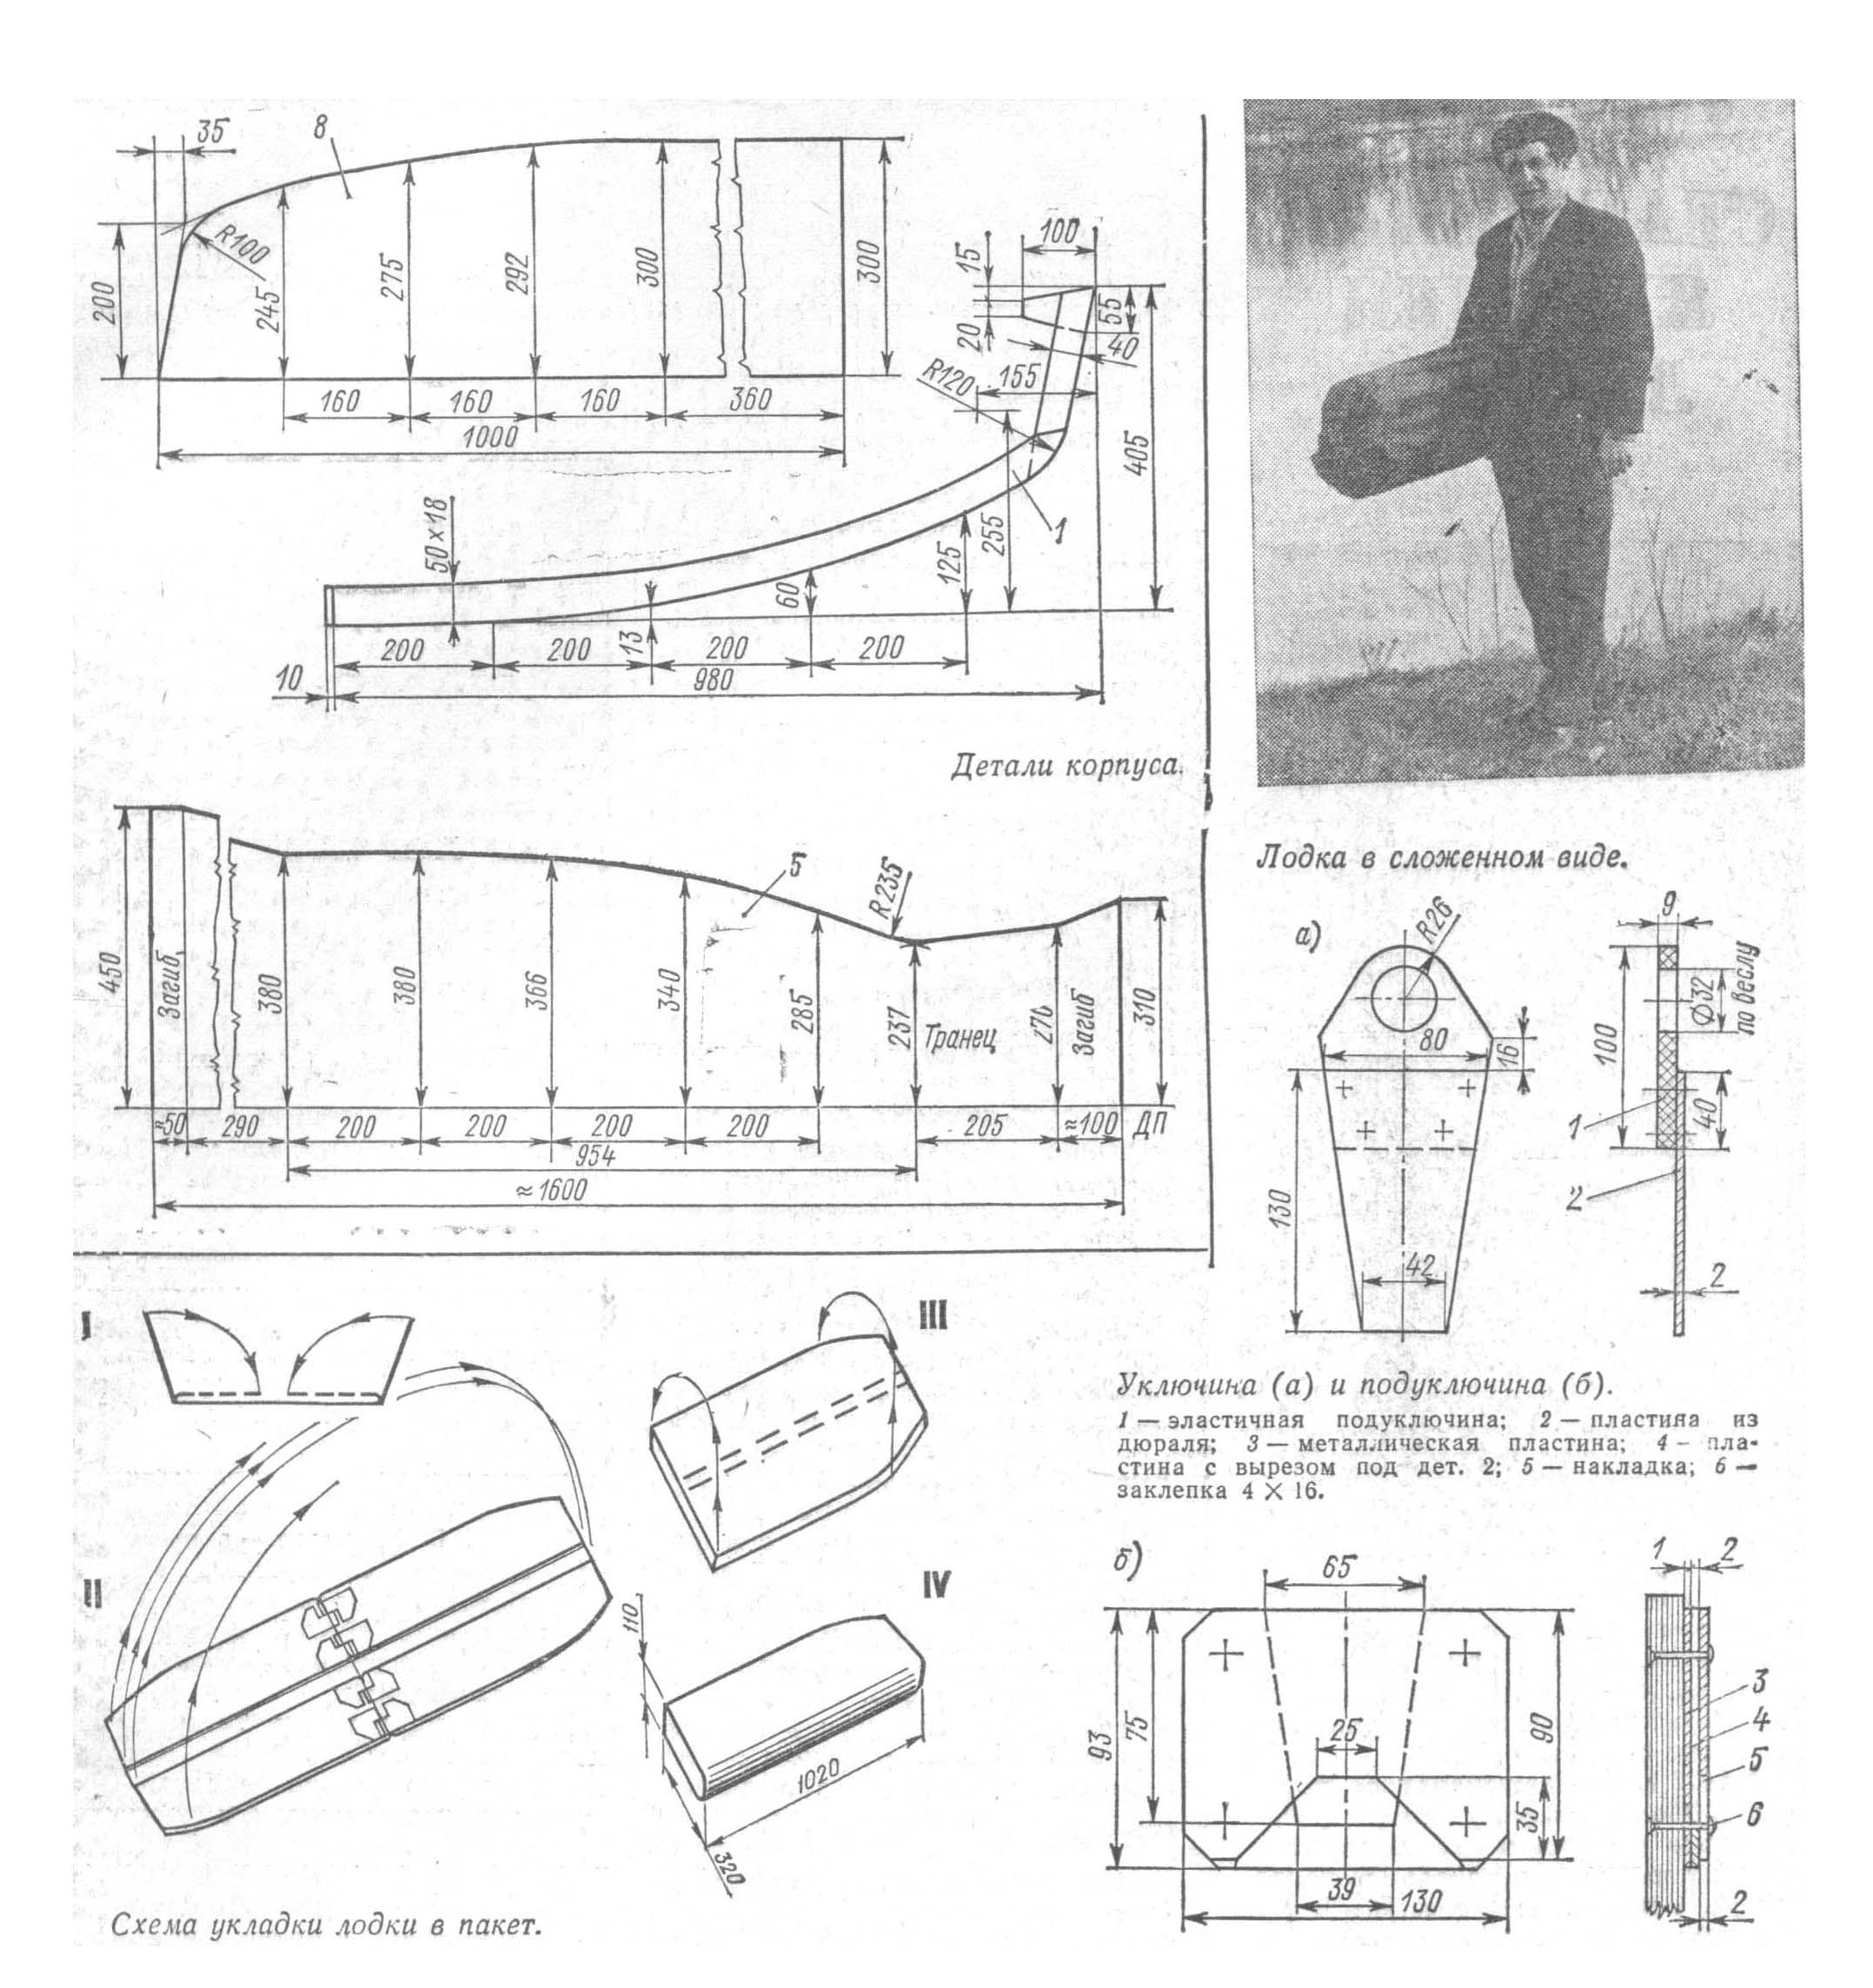 Лодка из фанеры своими руками: размеры и чертежи - Самоделки